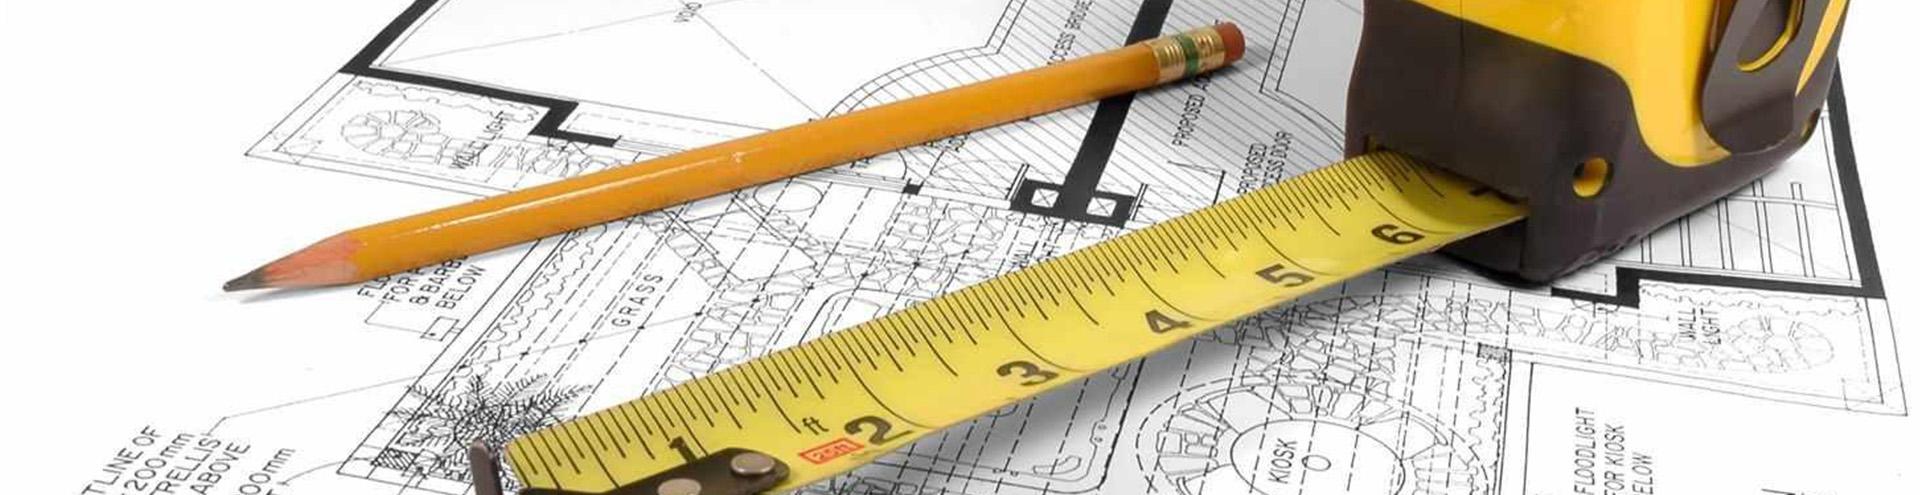 Поможем исправить кадастровую ошибку в Астрахани и Астраханской области